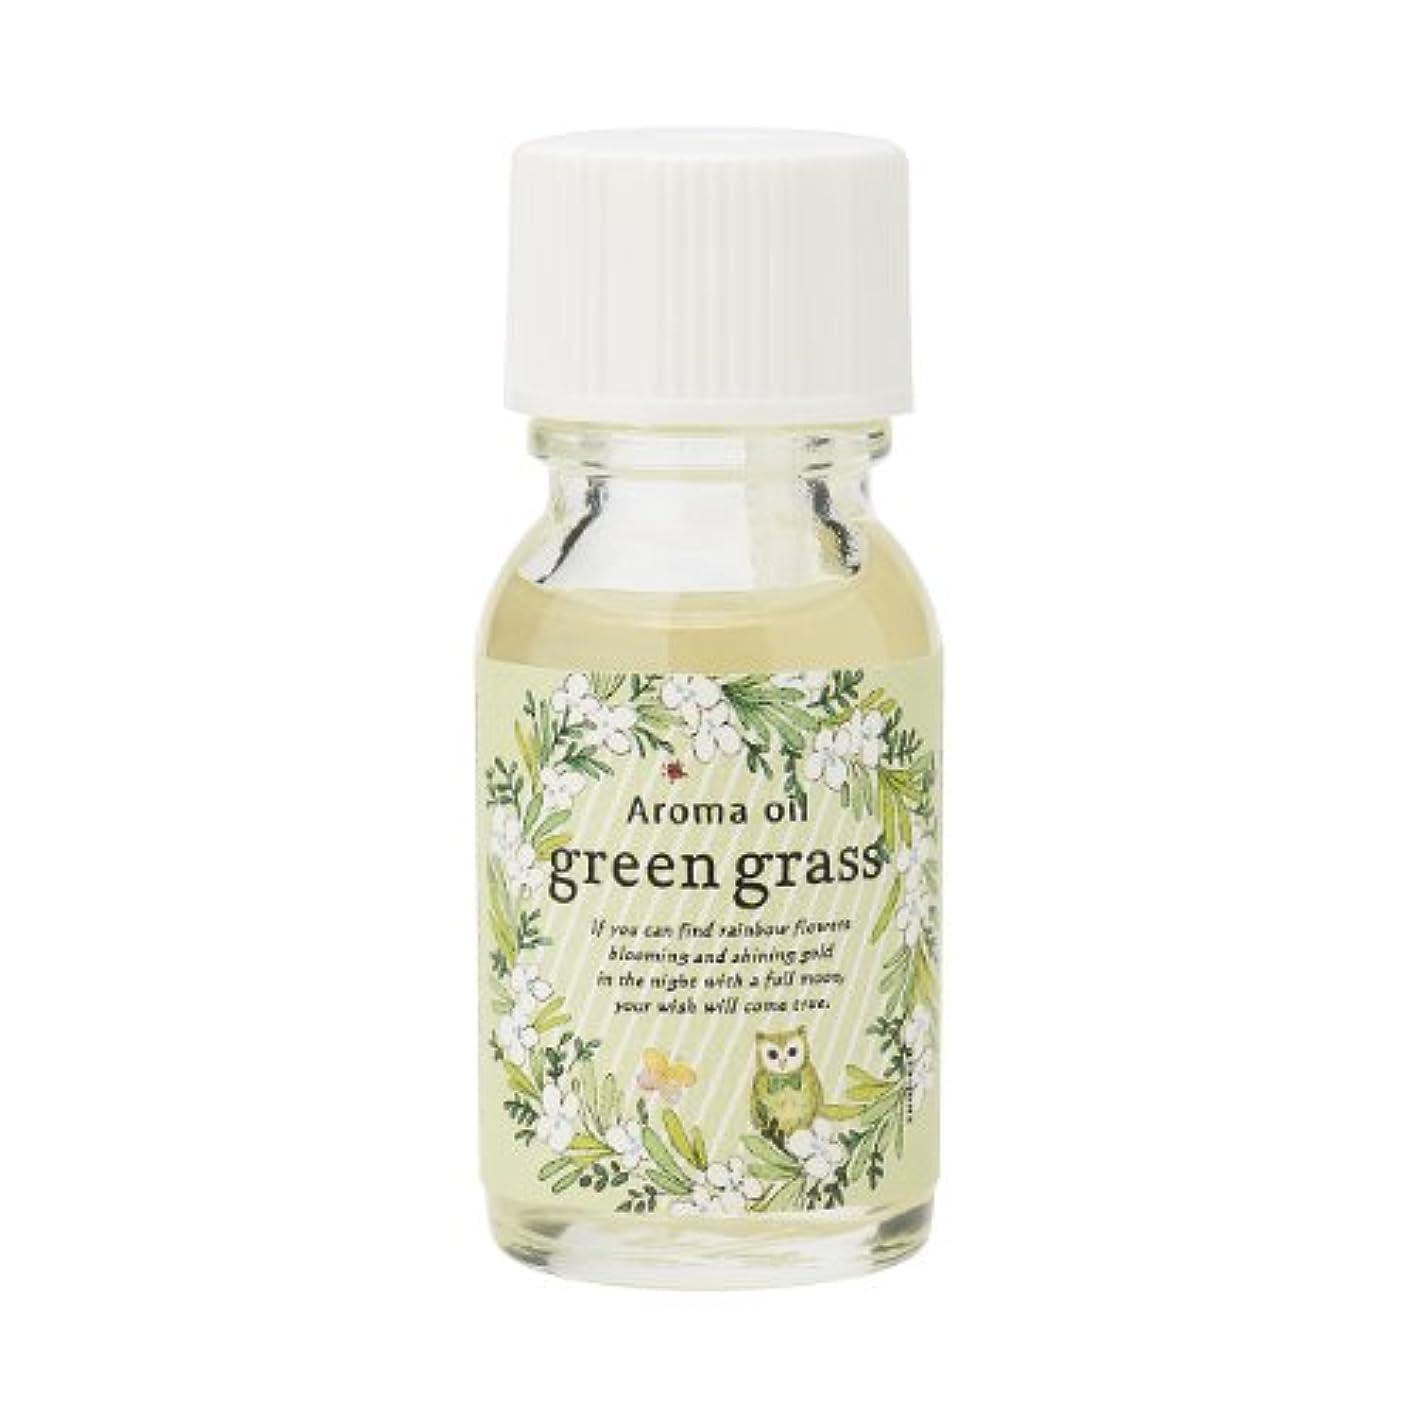 メッセンジャーのホスト日サンハーブ アロマオイル グリーングラス 13ml(爽やかでちょっと大人の香り)